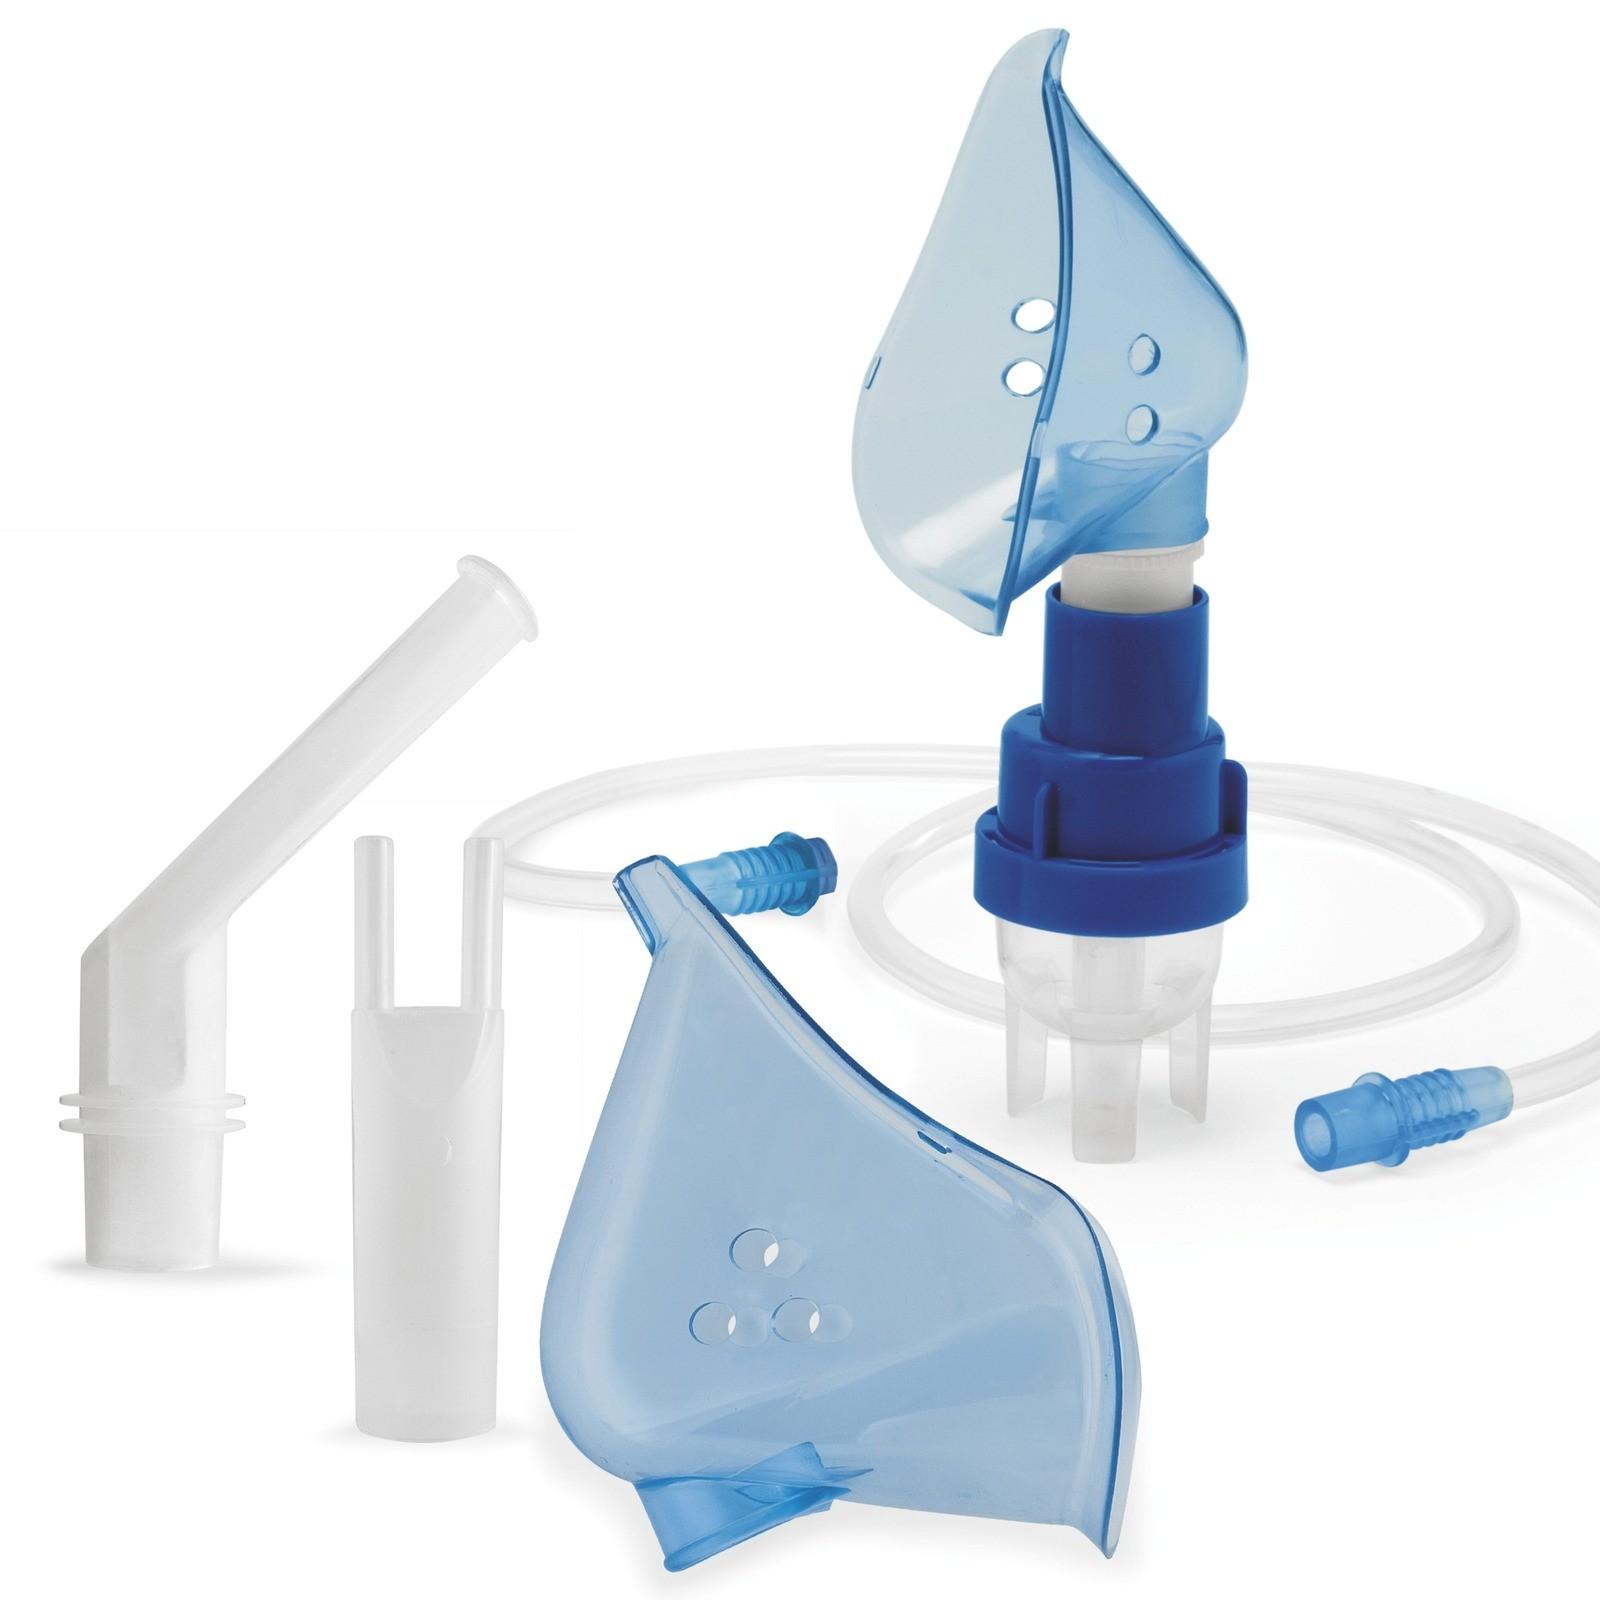 Chicco Zubehöre-Set für Aerosol-Inhalator